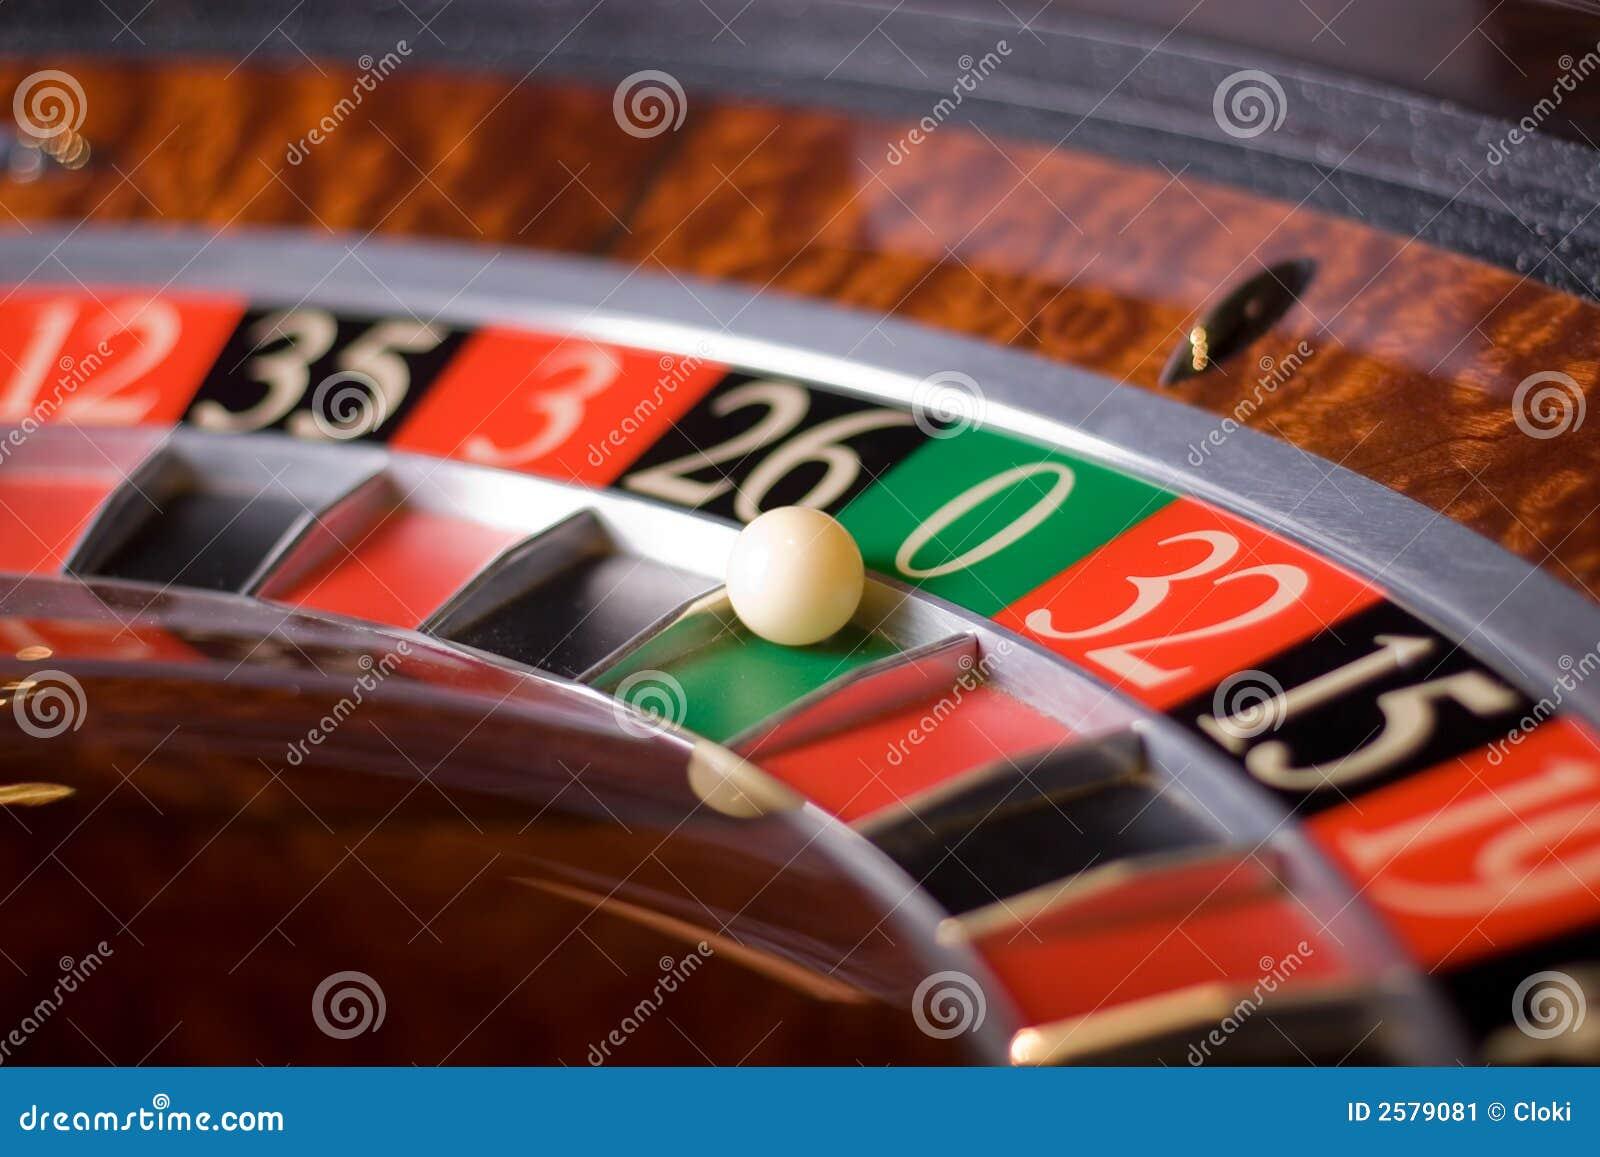 С нуля на казино кнопка дилера казино со встроенным тайме